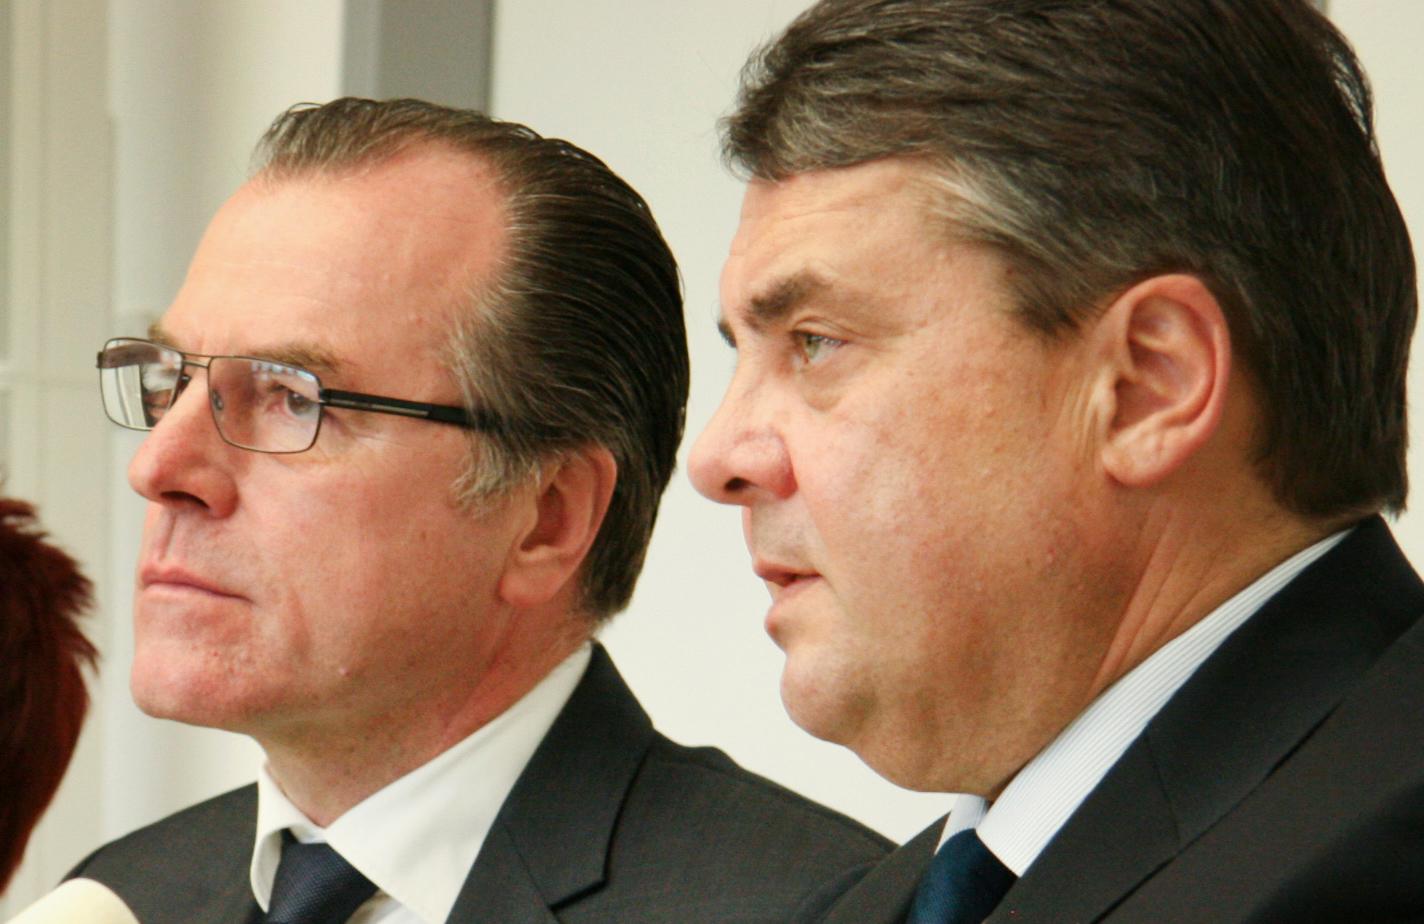 Clemens Tönnies und Sigmar Gabriel, Foto: Picture Alliance